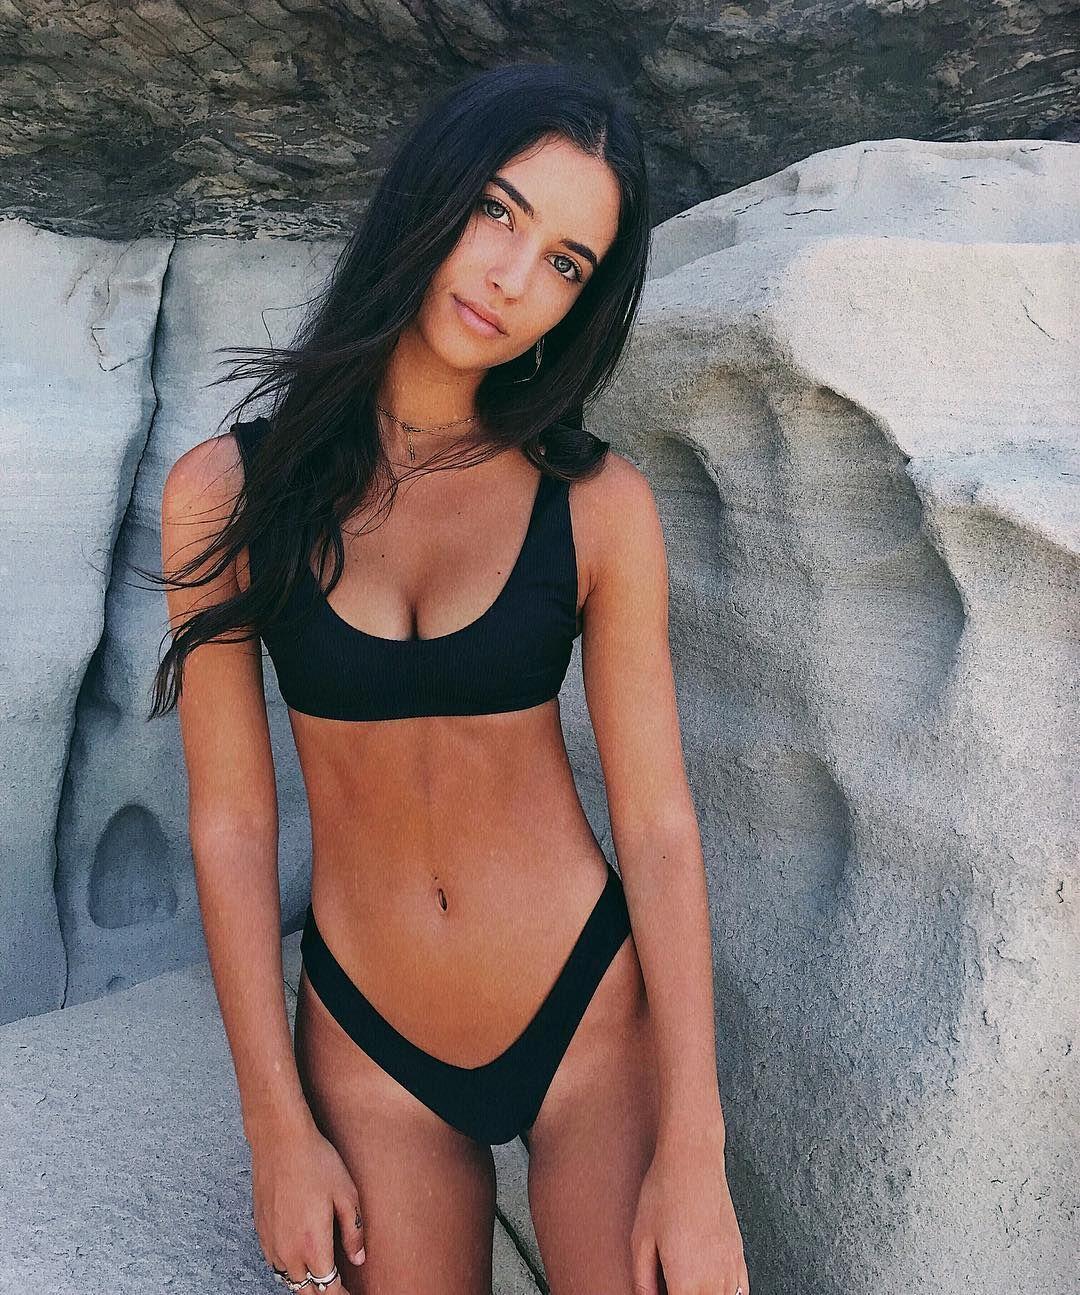 video-bikini-v-magazine-video-seksa